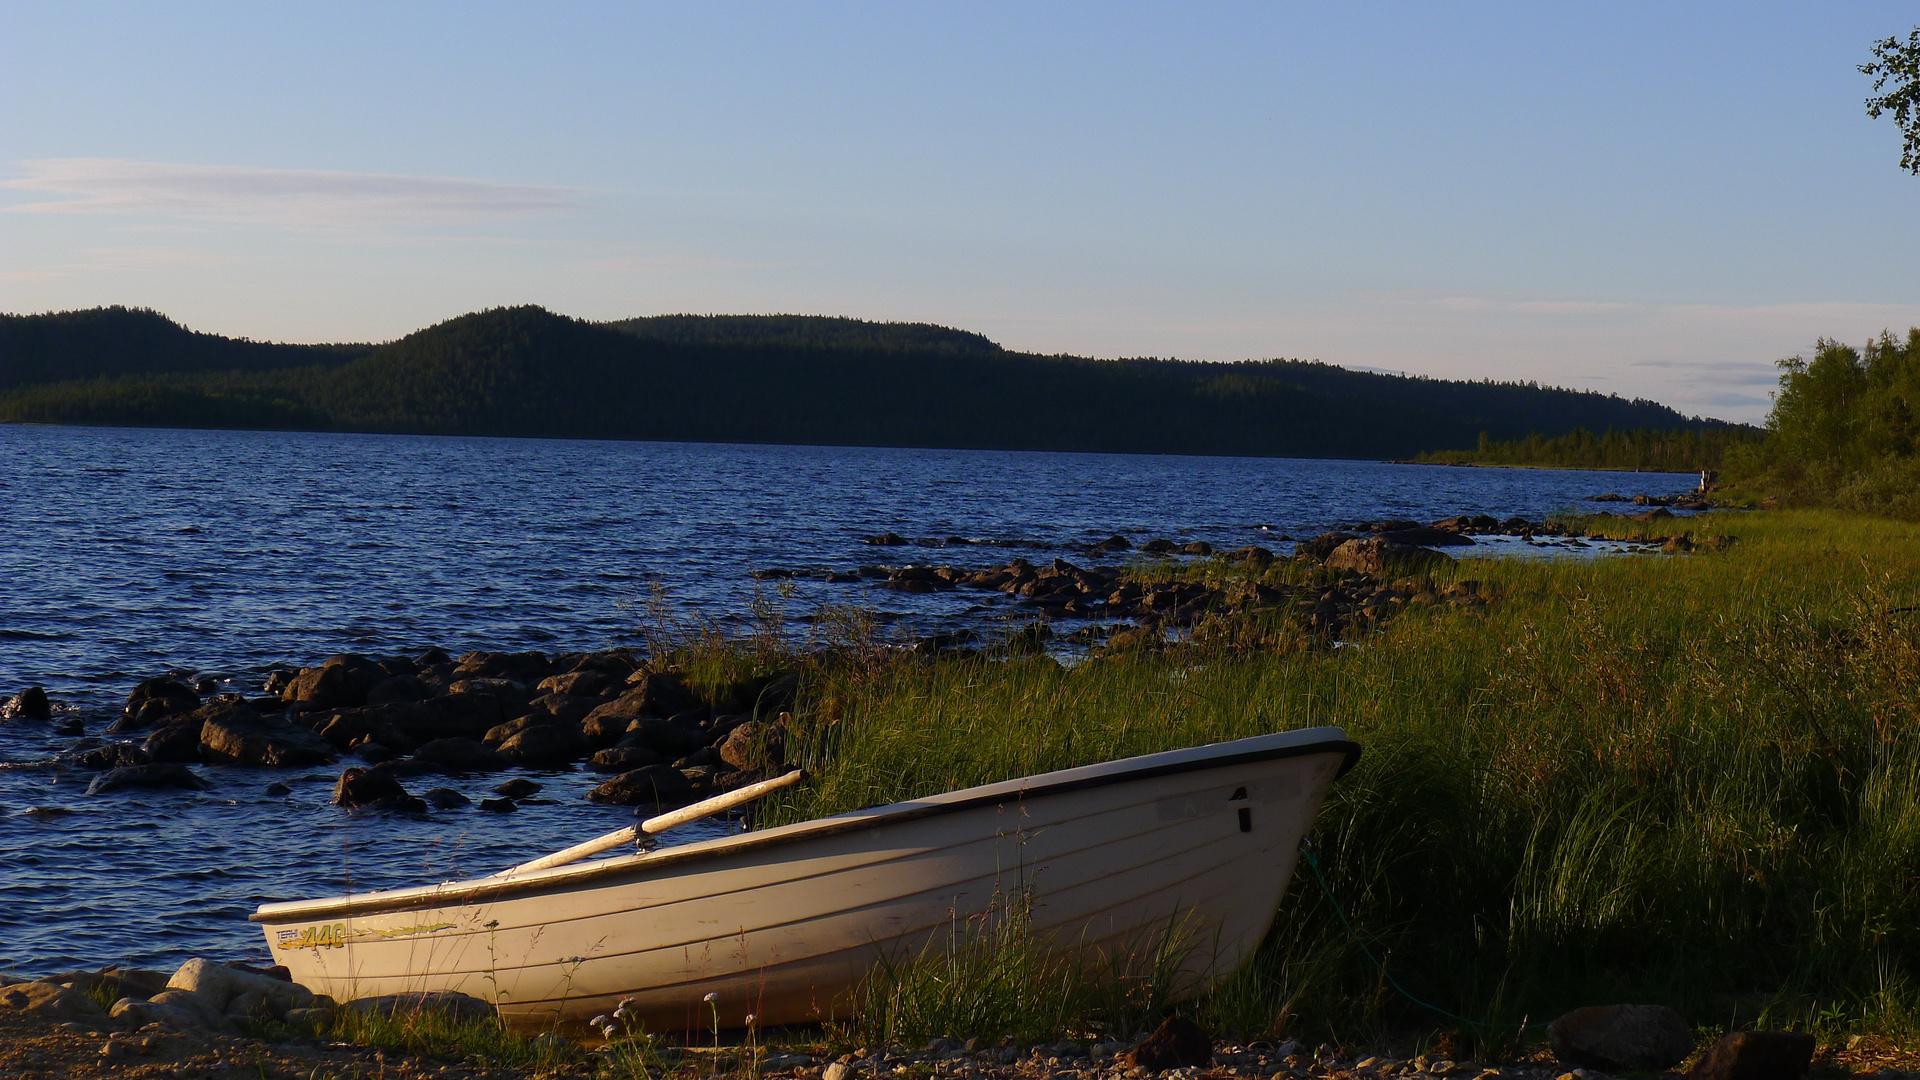 Mittsommer am Muddusjärvi bei Vasatokka / Inari